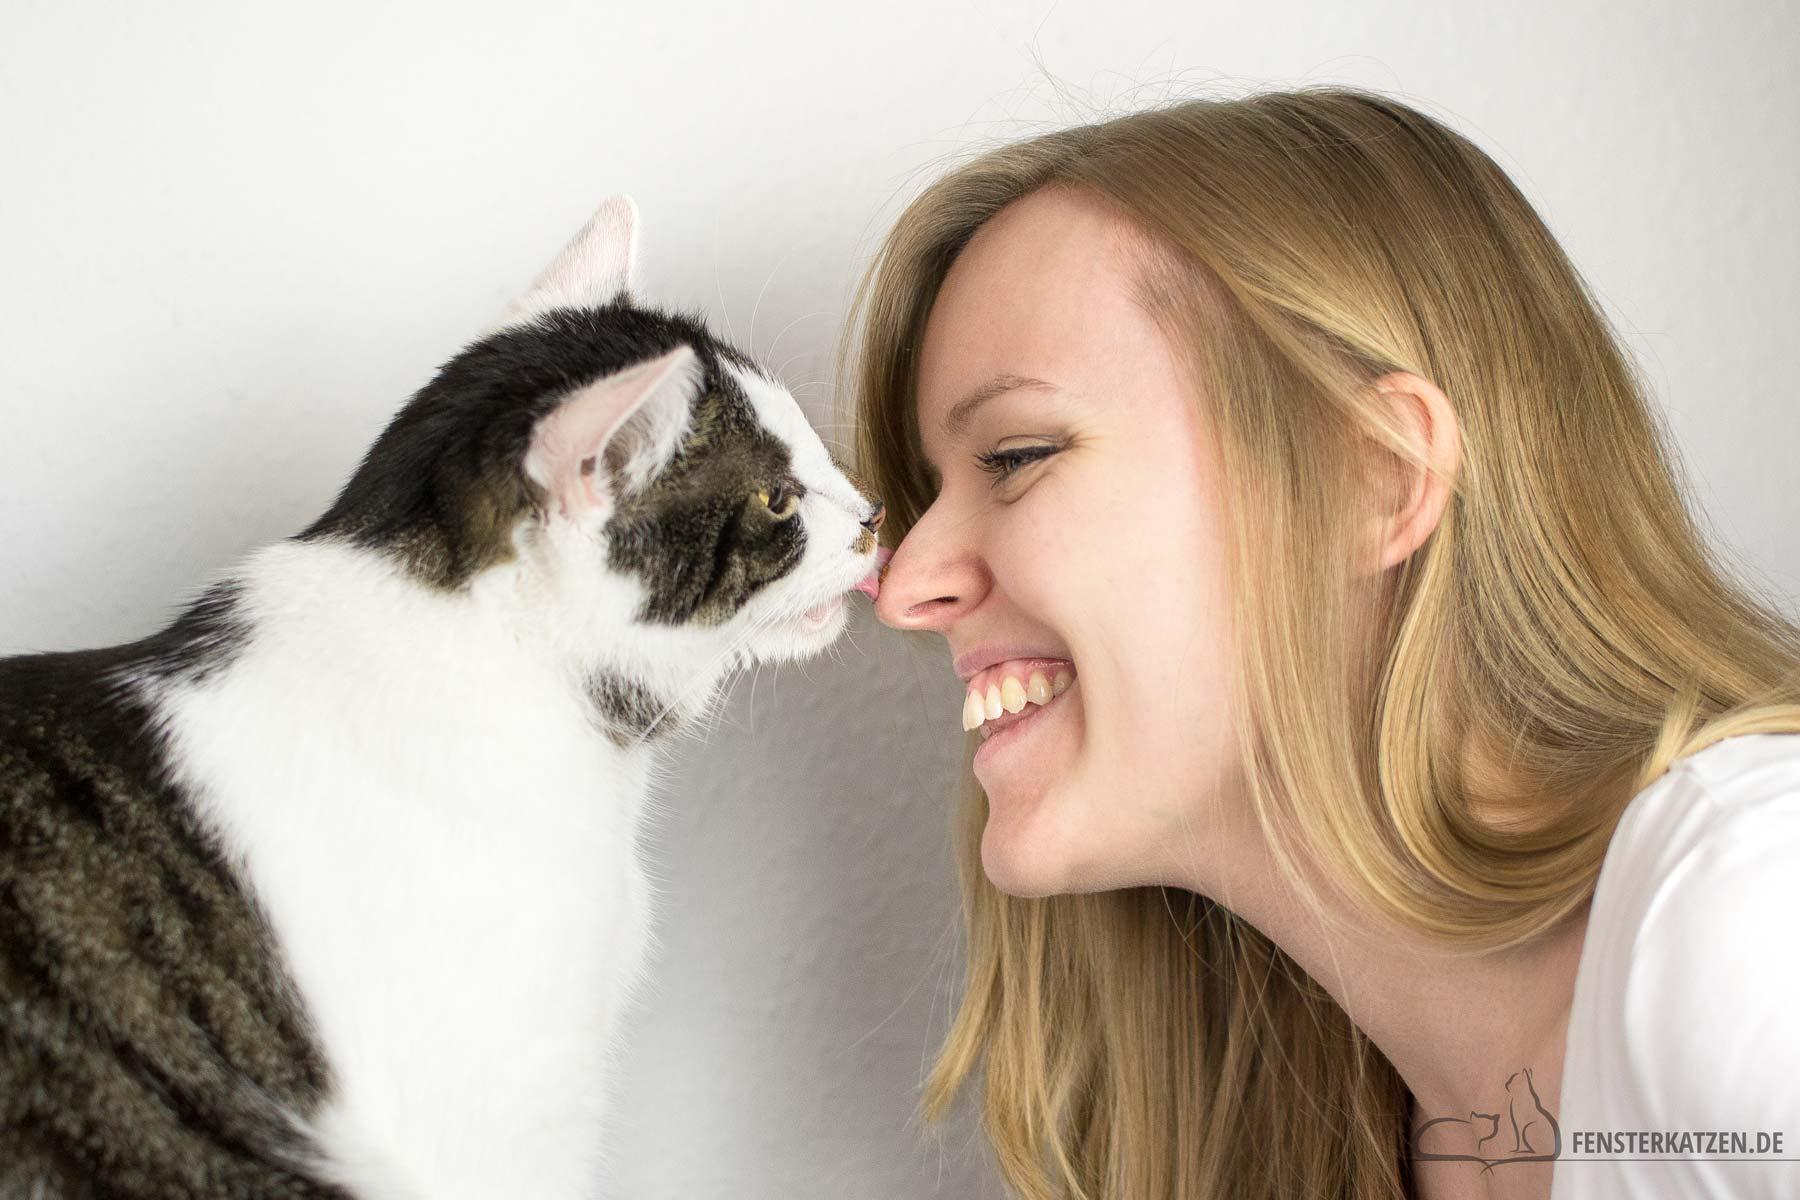 Fensterkatzen-Ratgeber-13-Tipps-harmonische-Katze-Mensch-Beziehung-Titelbild